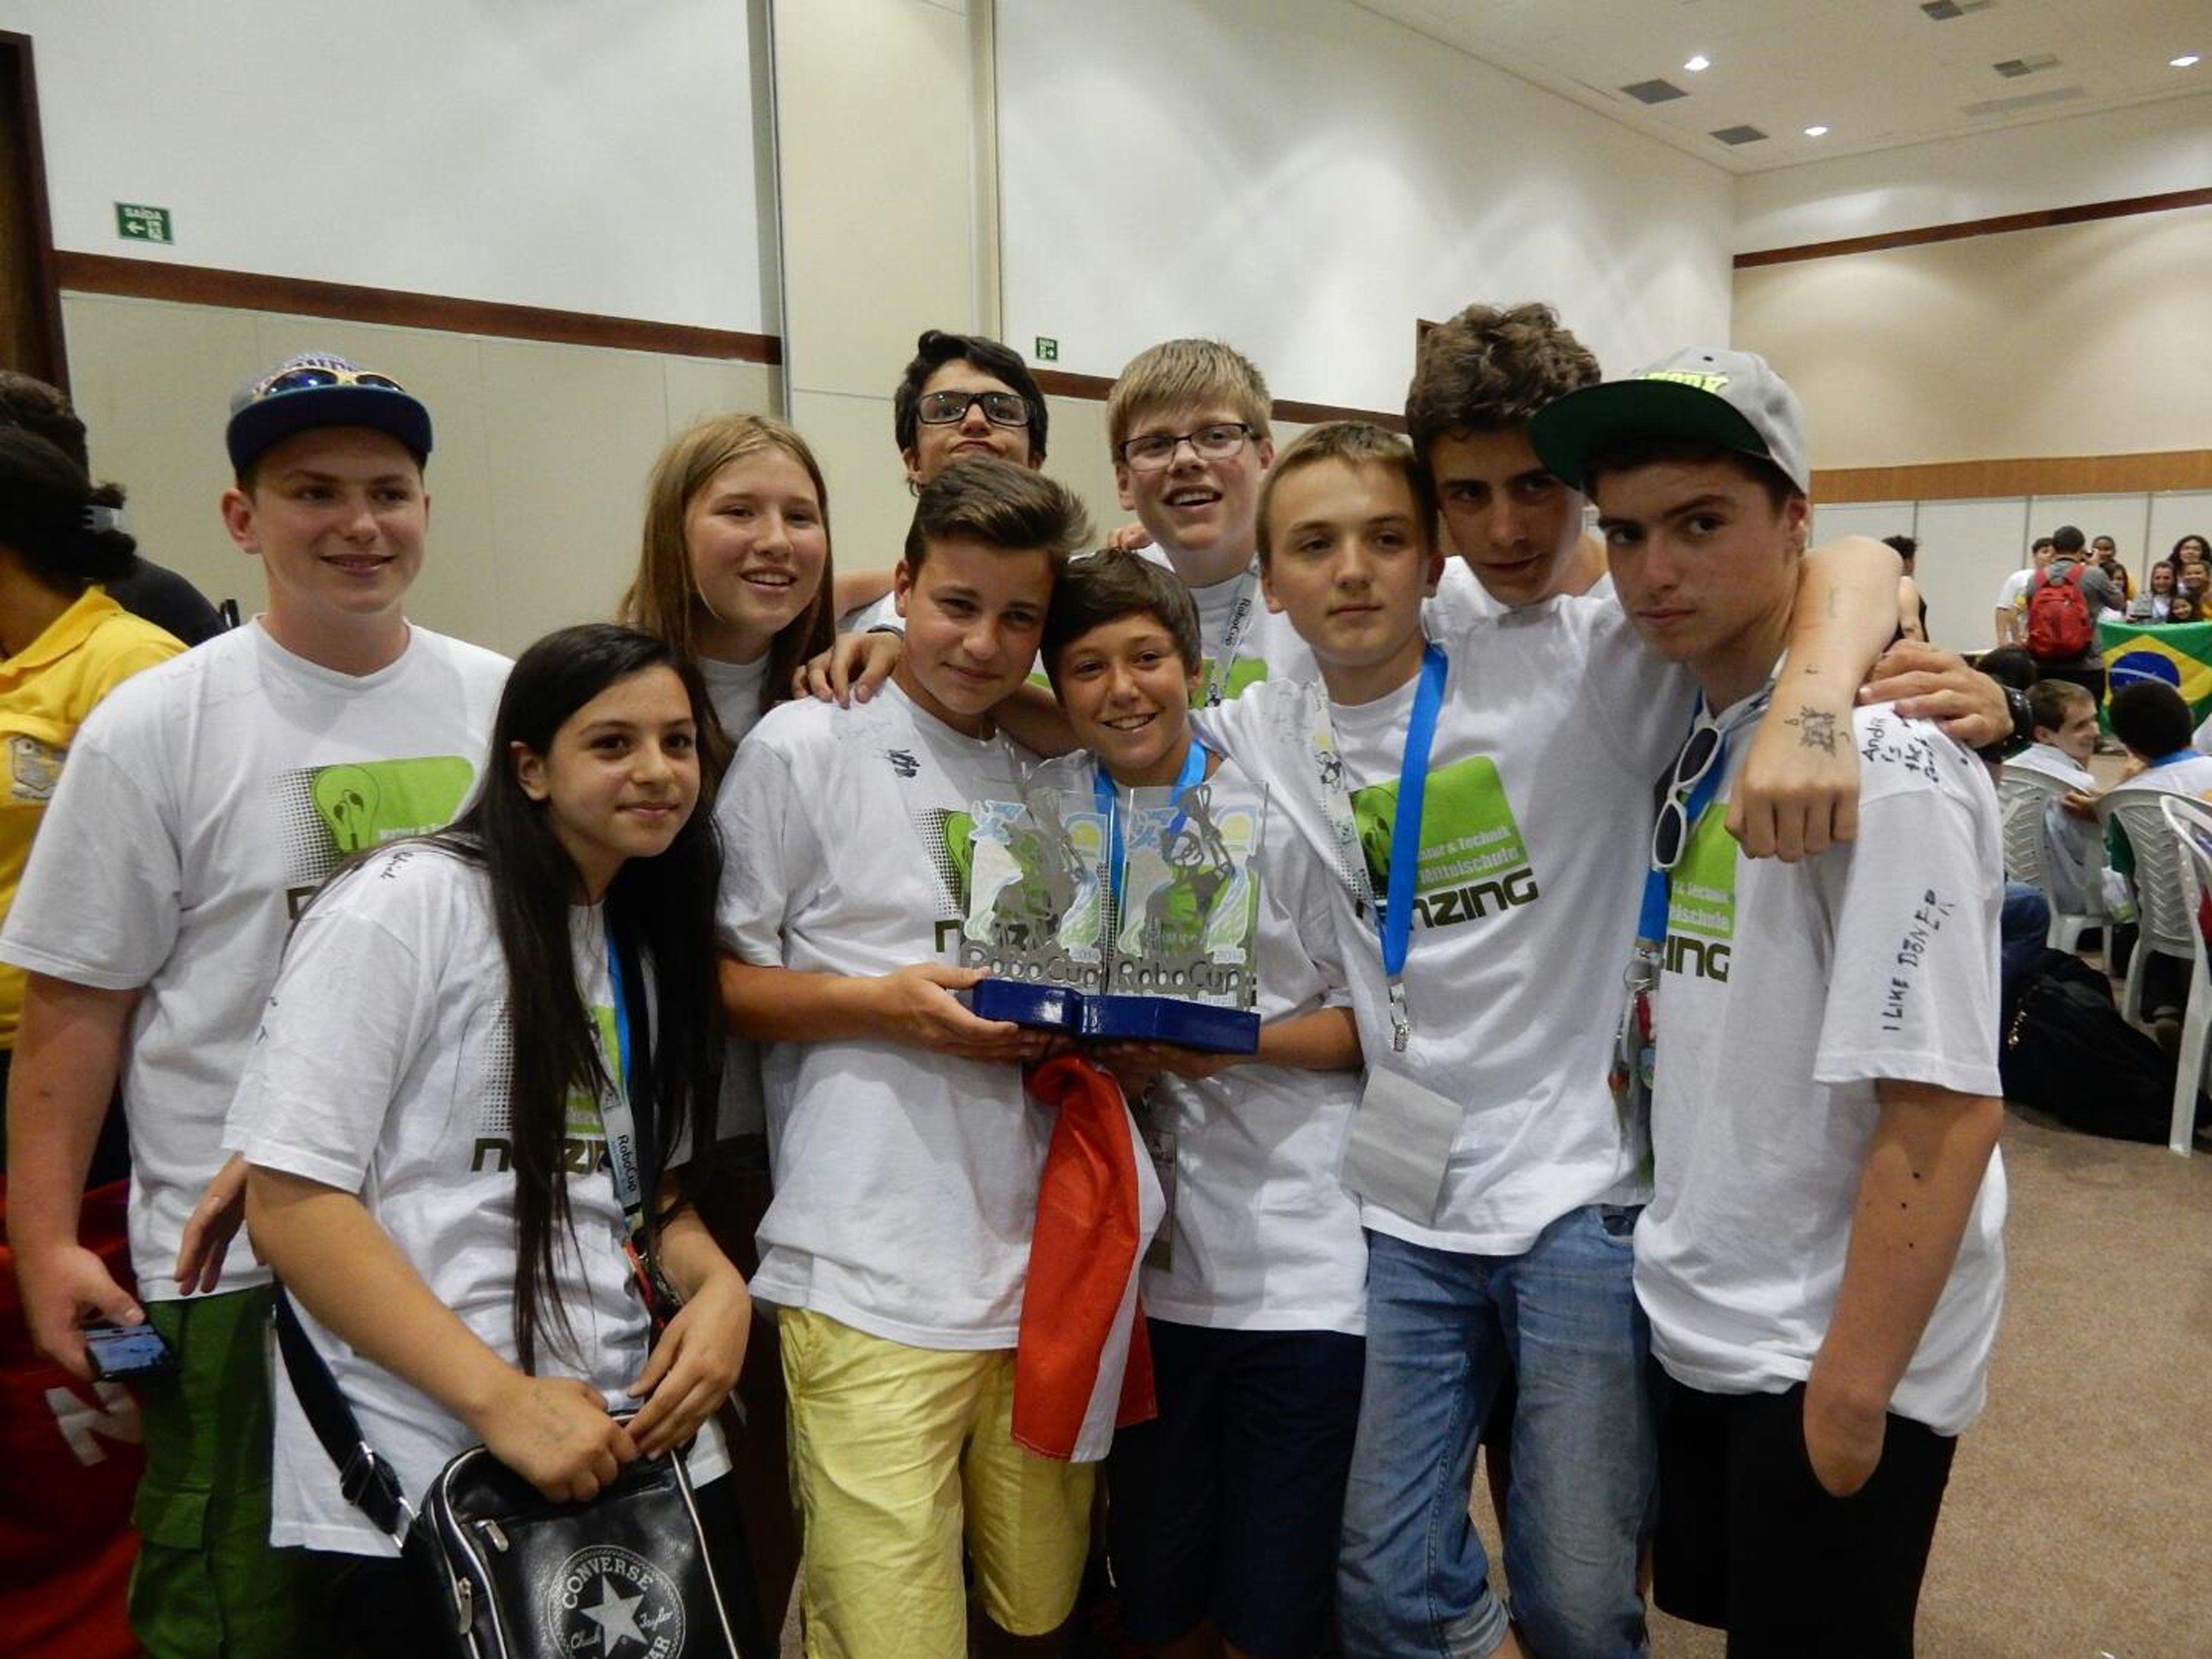 Der RoboCup ist ein Roboter-Nachwuchswettbewerb